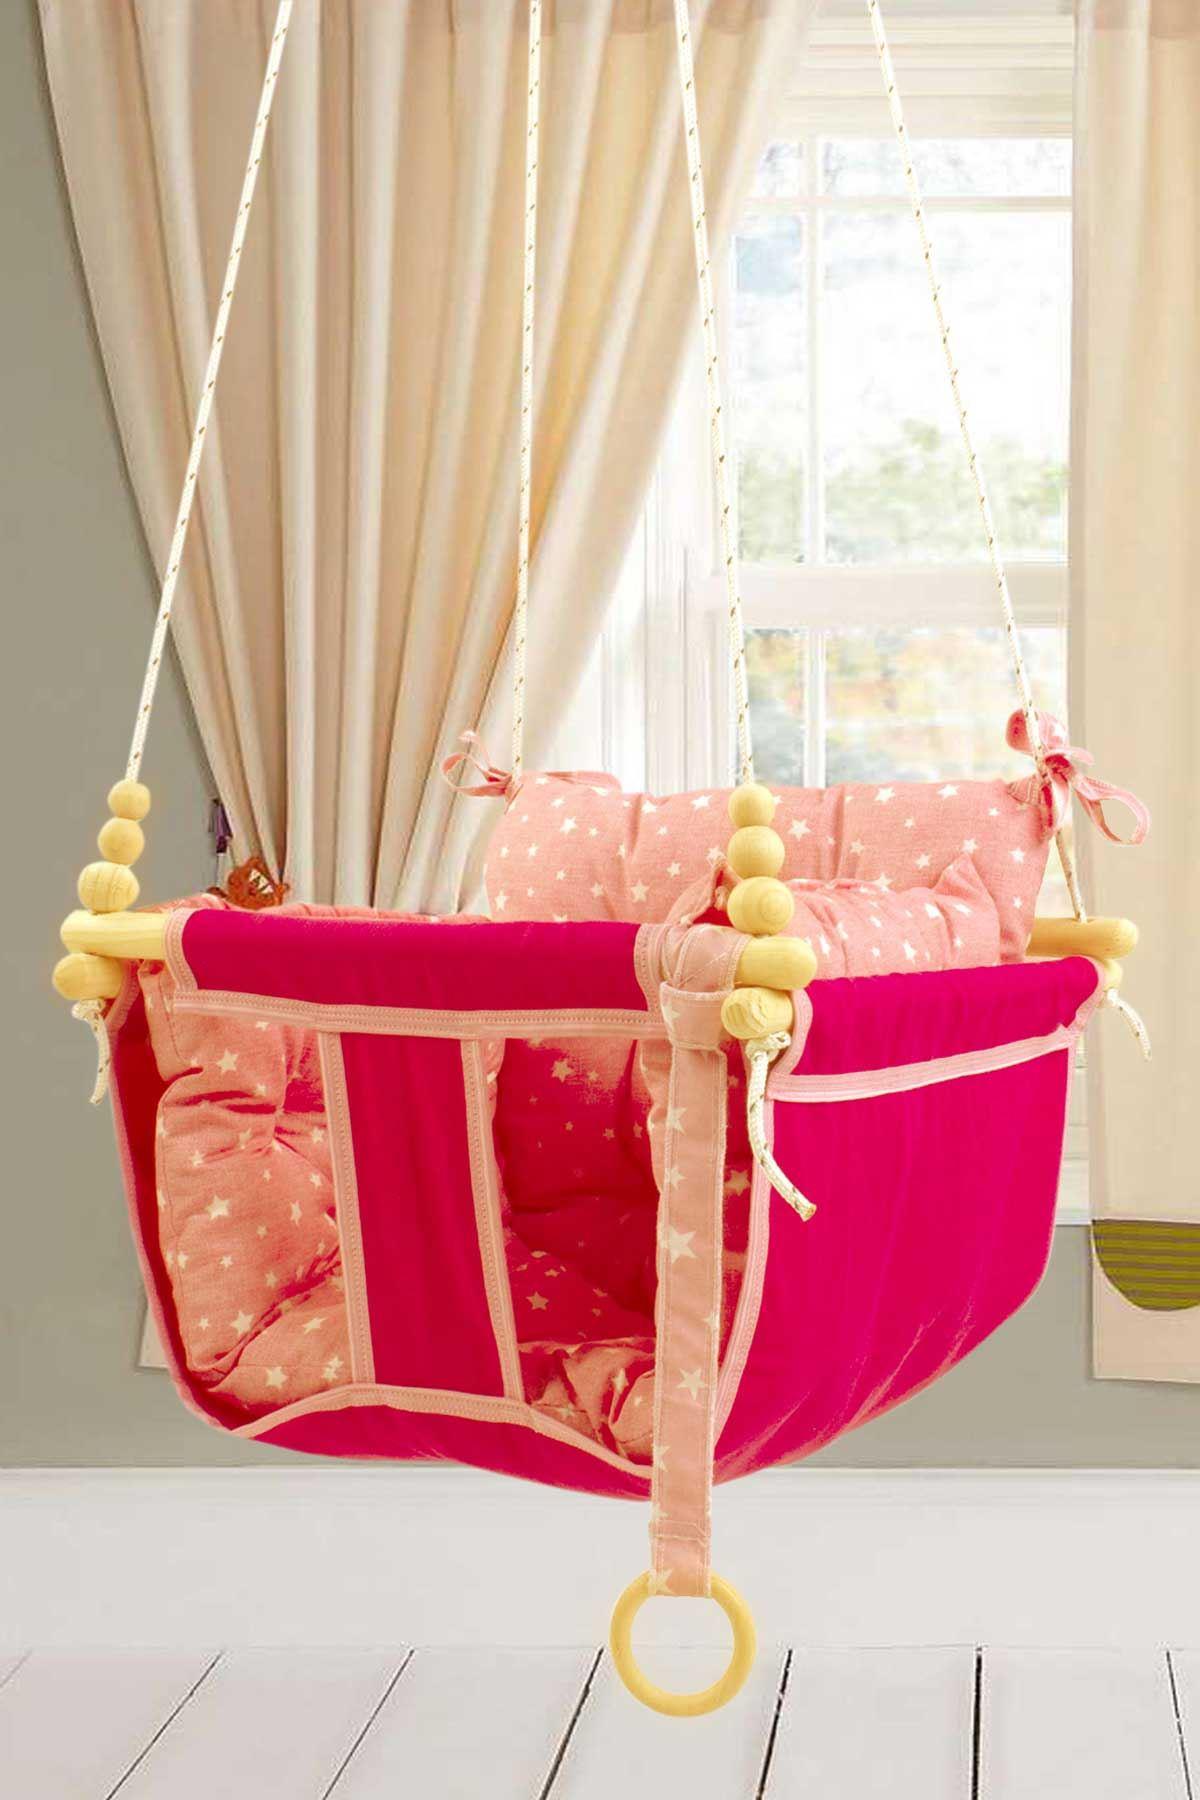 Pembe Bundera Wag Swing Çocuk Ahşap Salıncak Bebek Hamak Bahçe Salıcağı